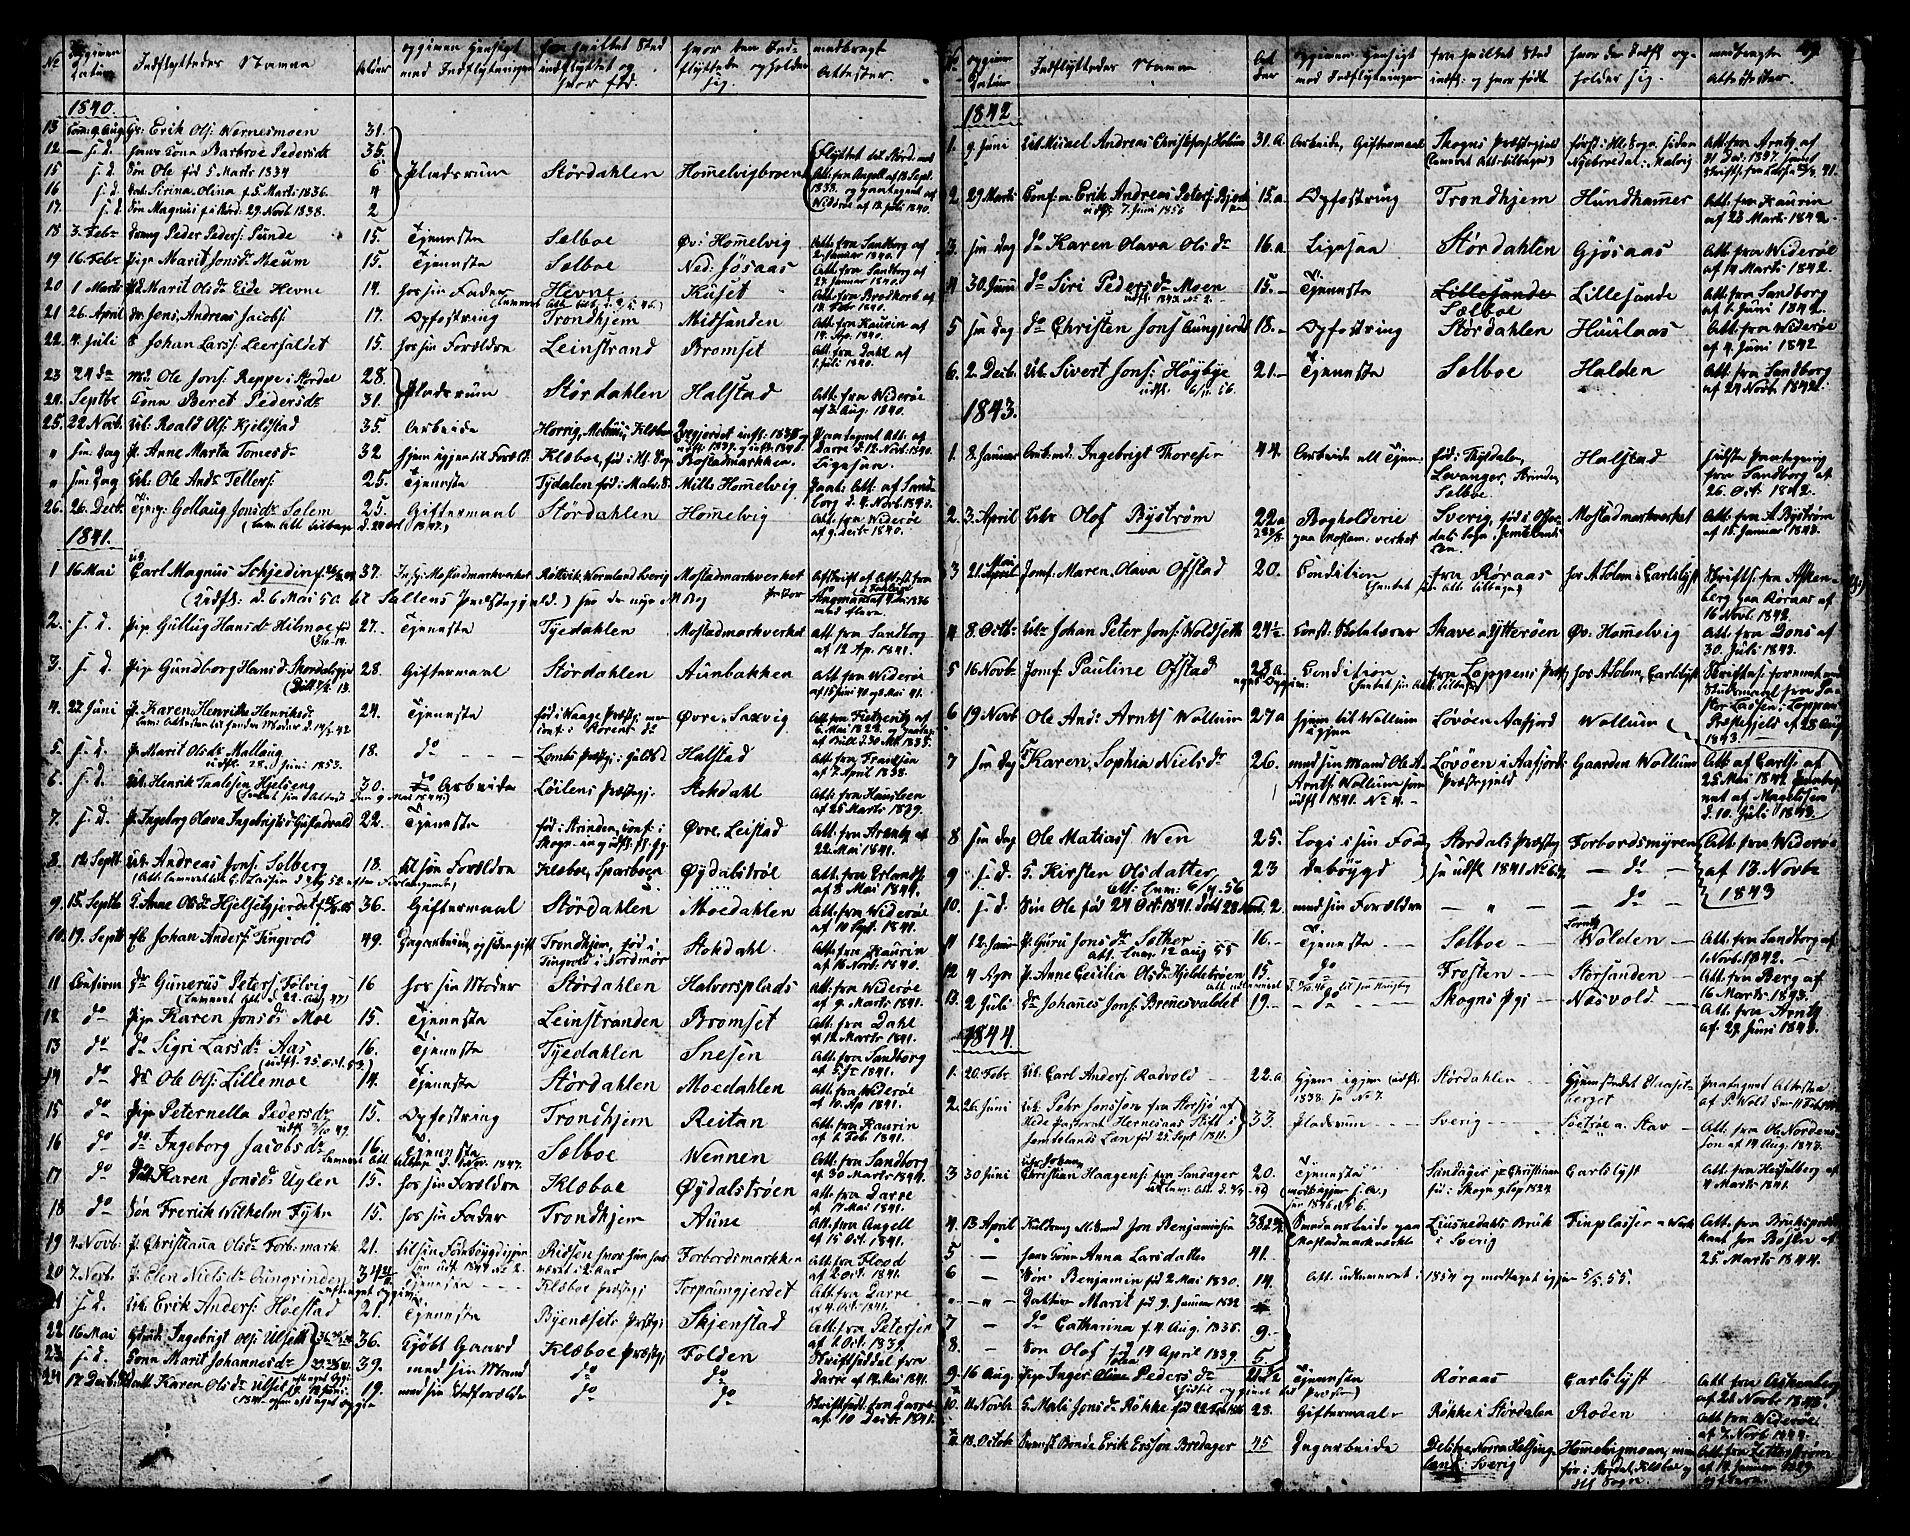 SAT, Ministerialprotokoller, klokkerbøker og fødselsregistre - Sør-Trøndelag, 616/L0421: Klokkerbok nr. 616C04, 1834-1850, s. 49